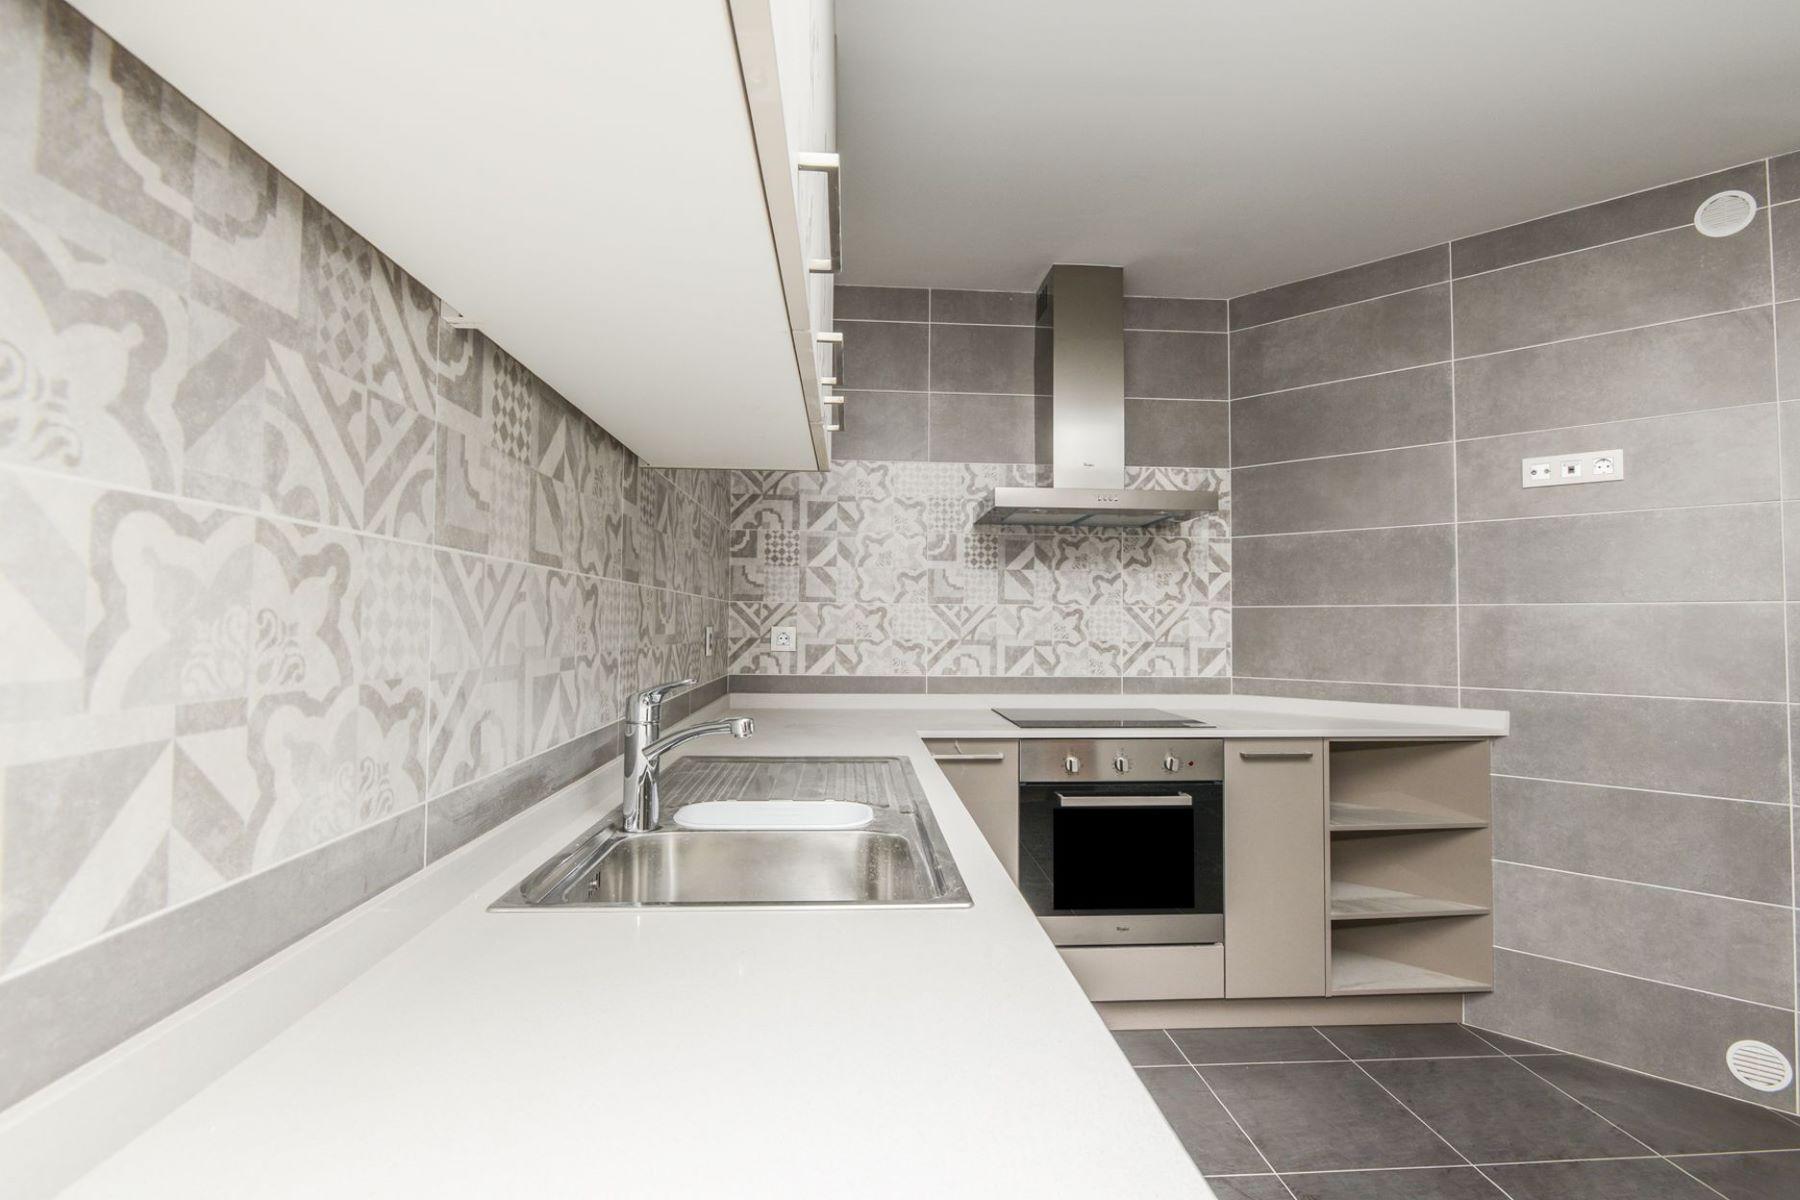 Apartamento para Venda às Flat for sale in Les Bons Les Bons, Encamp, AD200 Andorra